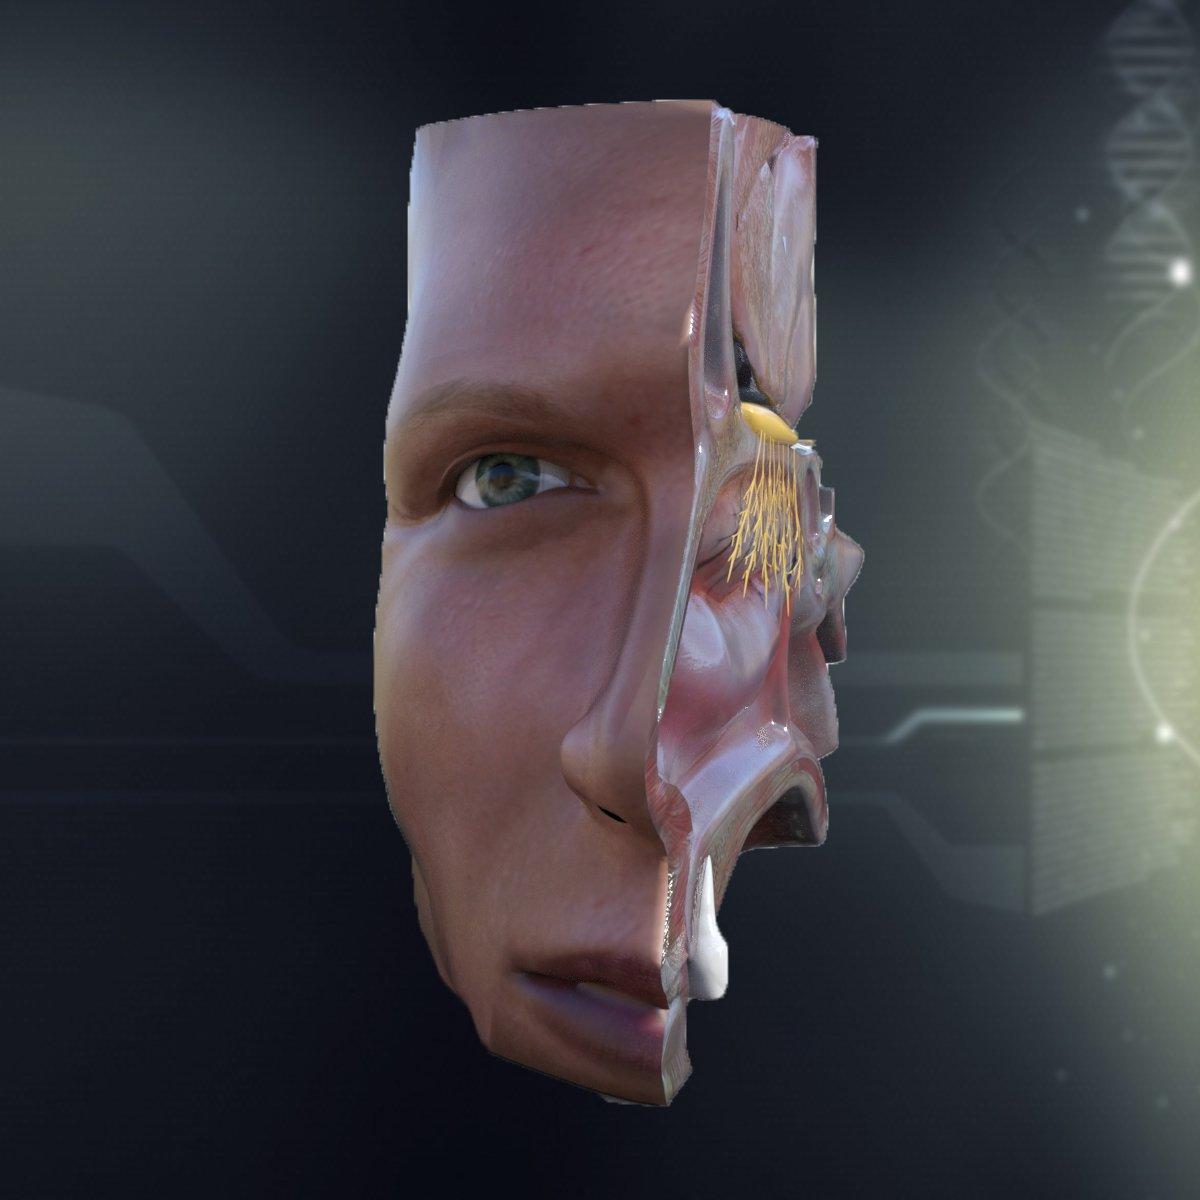 Human Nose Anatomy 3d Model In Anatomy 3dexport